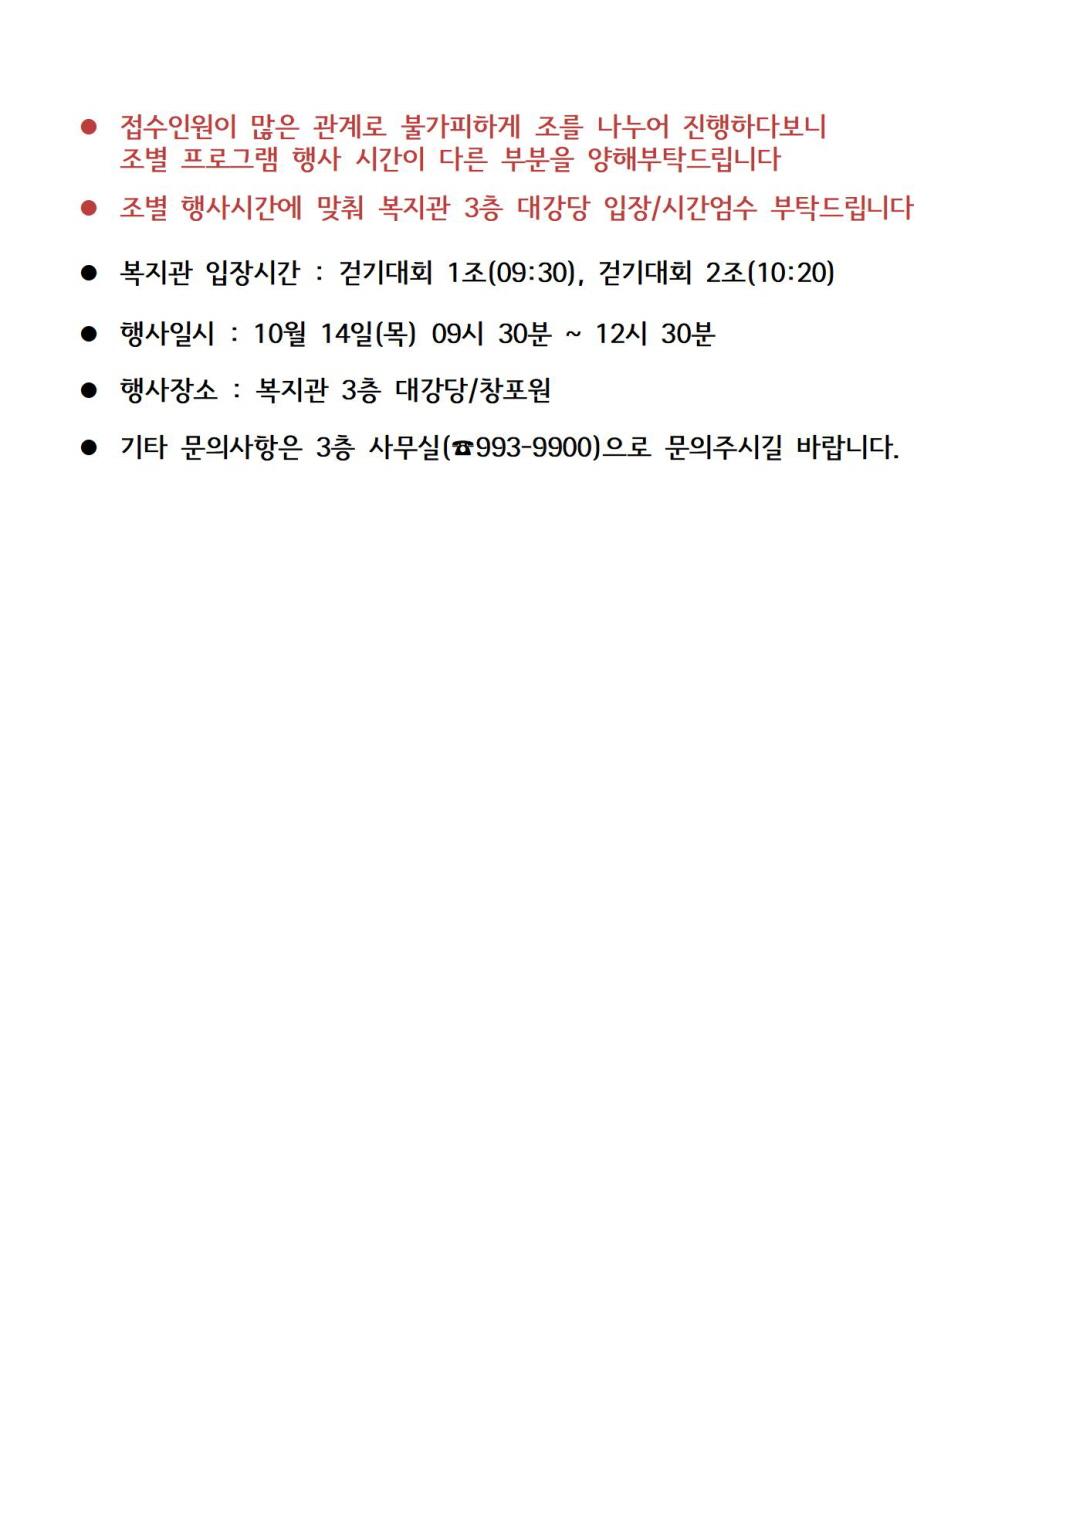 [홈페이지용]걷기대회(10.14오전)003.jpg